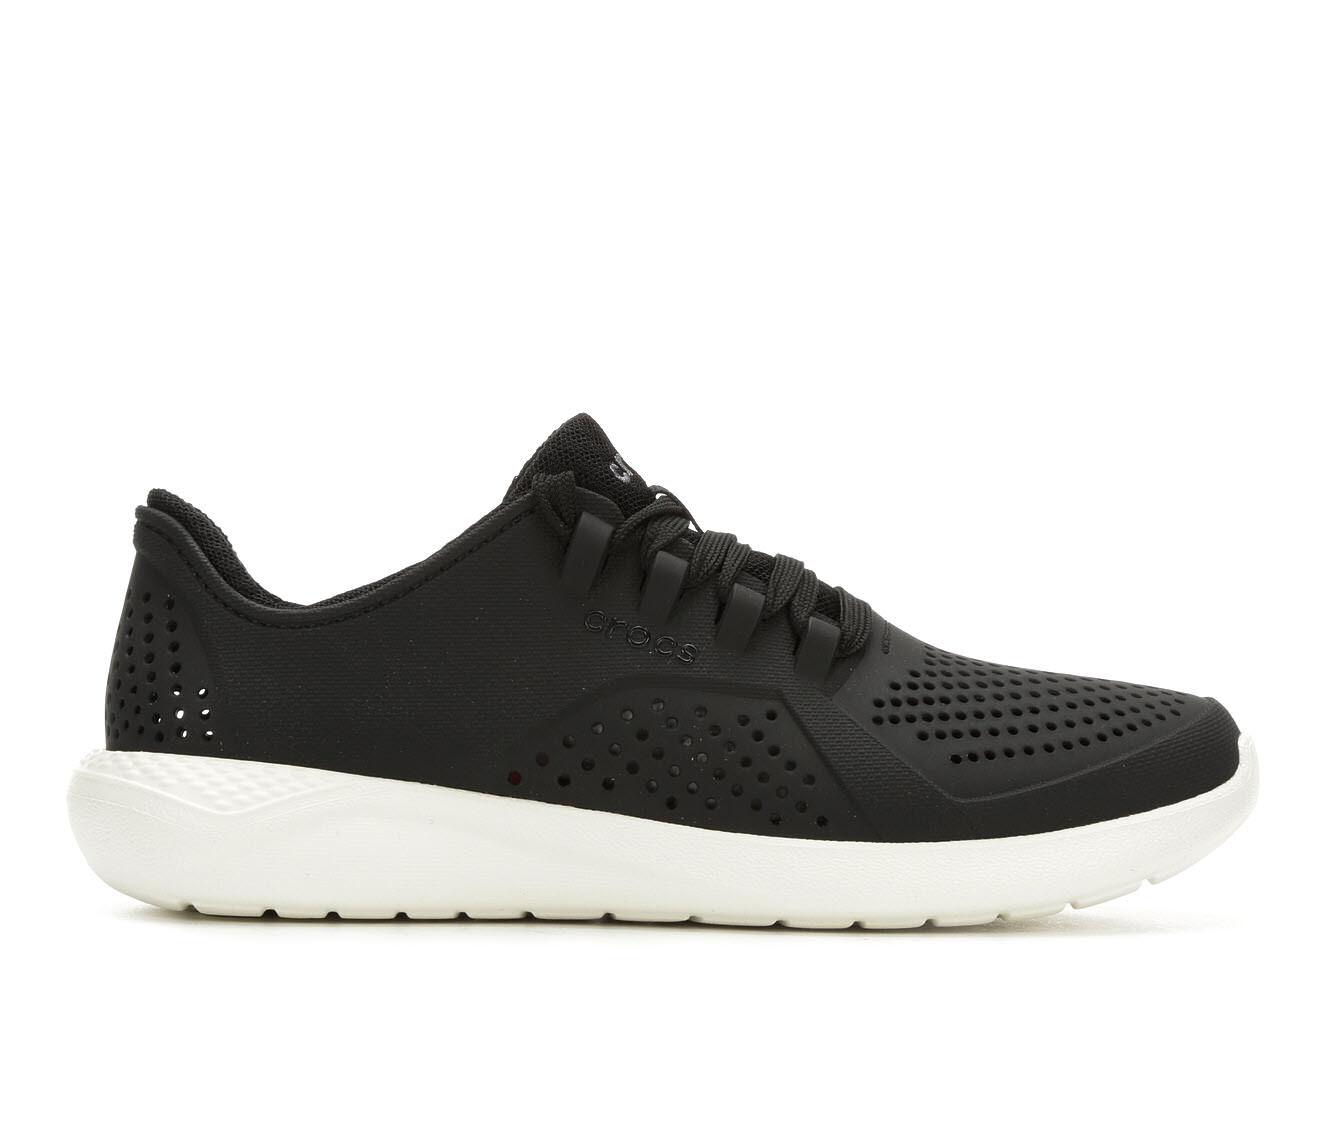 Women's Crocs LiteRide Pacer Black